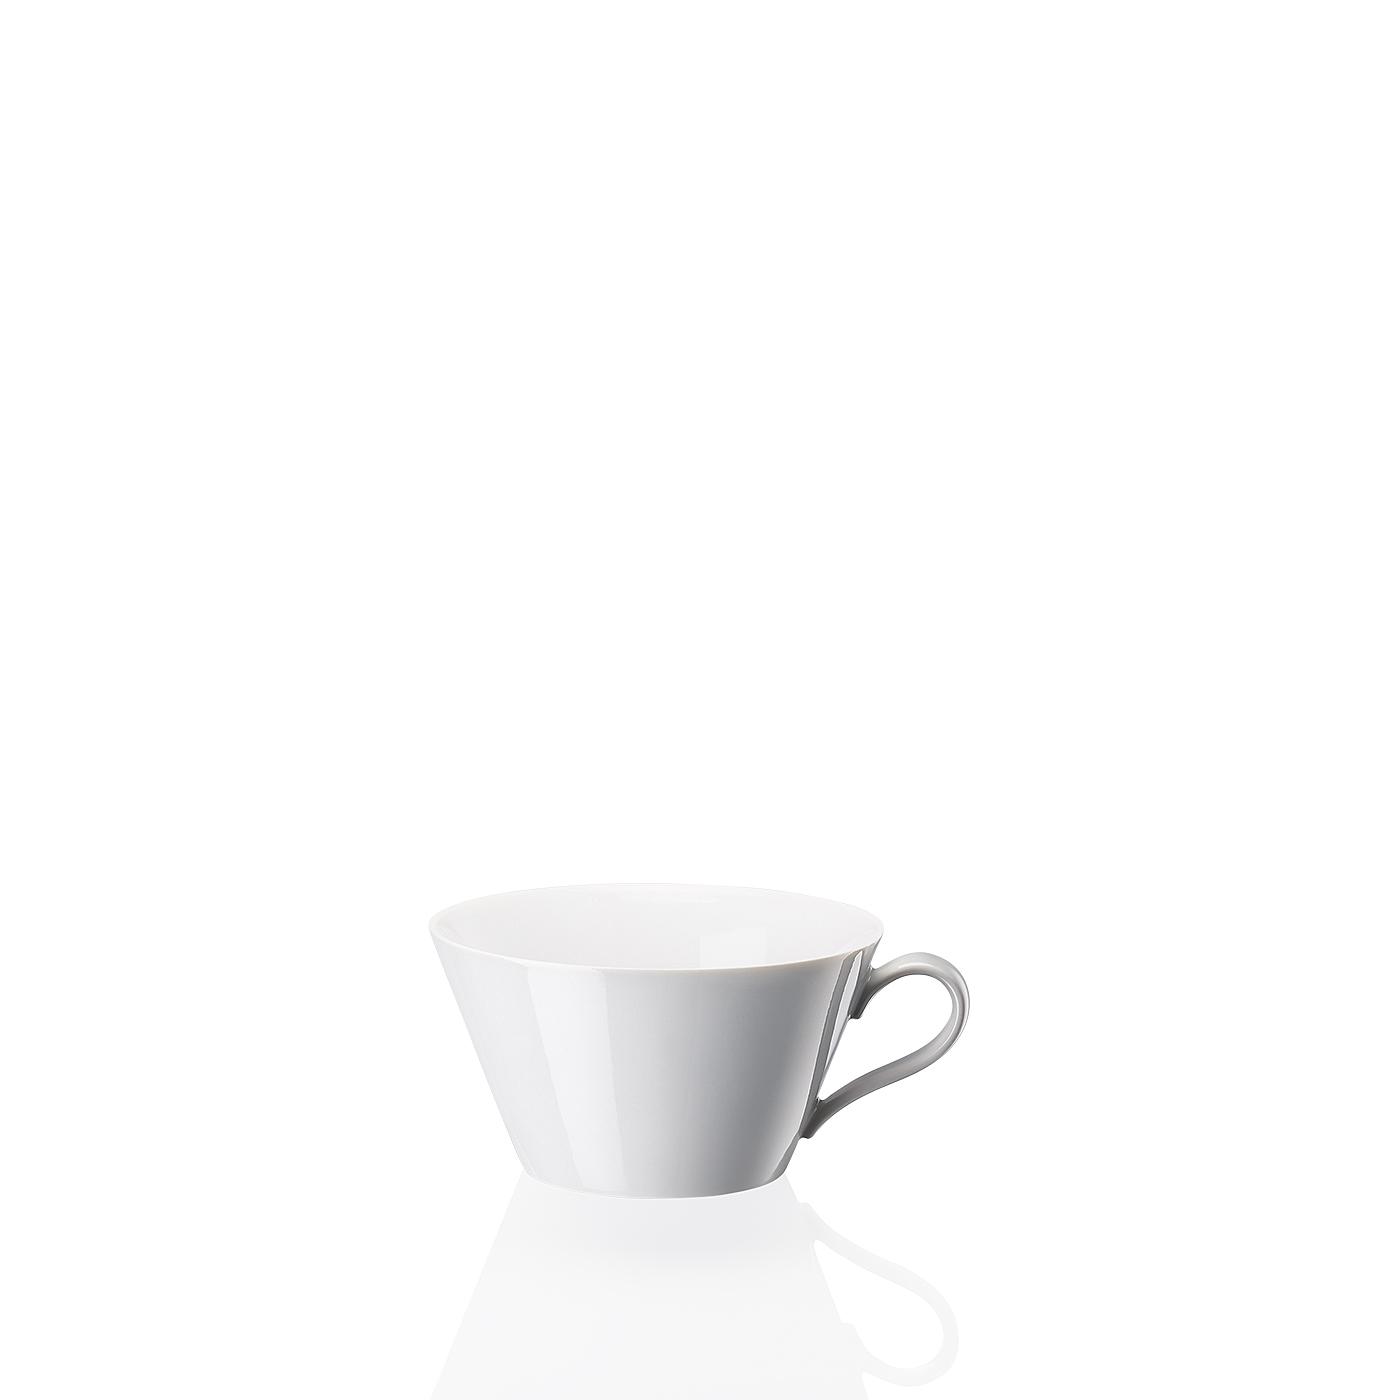 Café au Lait Obertasse Tric Cool Arzberg